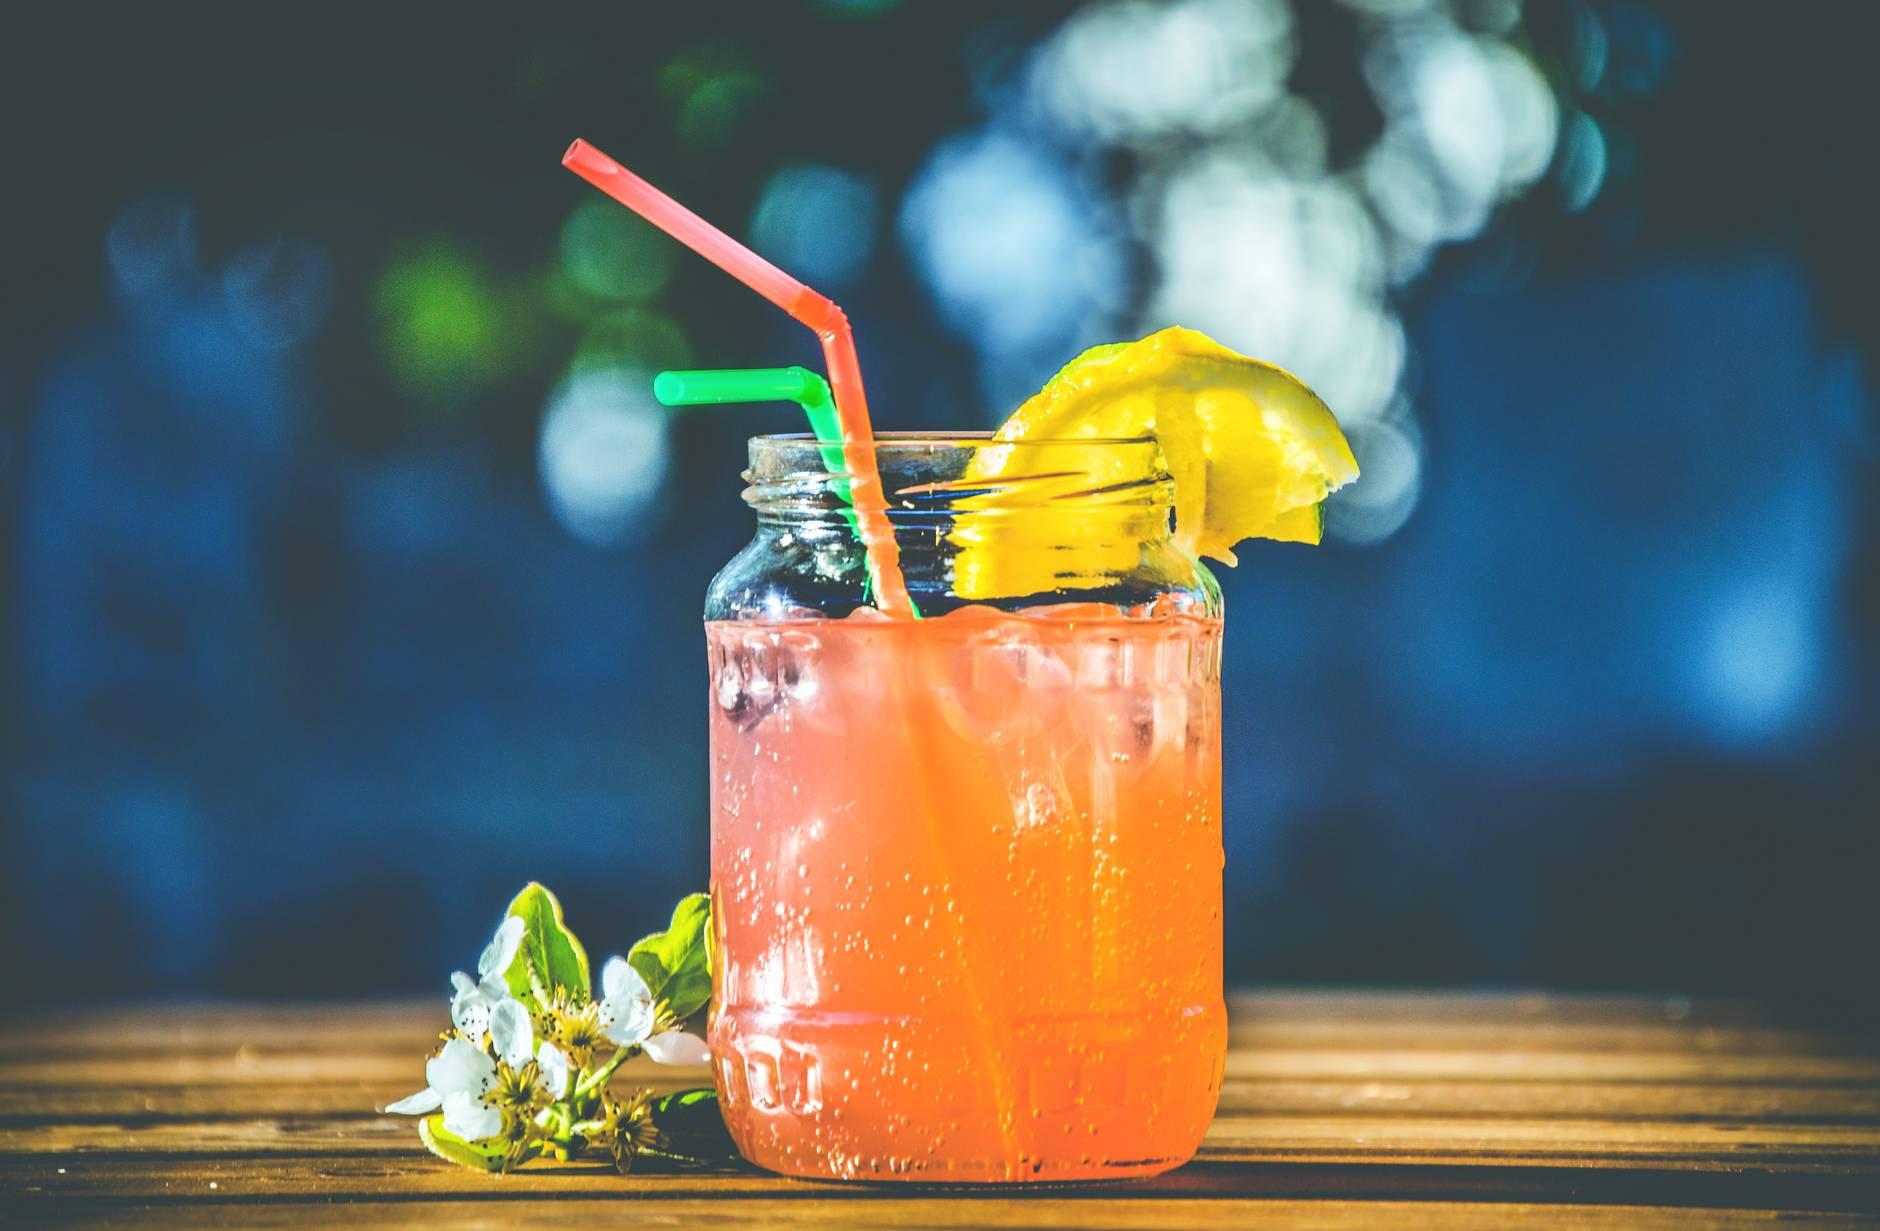 summer drinks drink still life